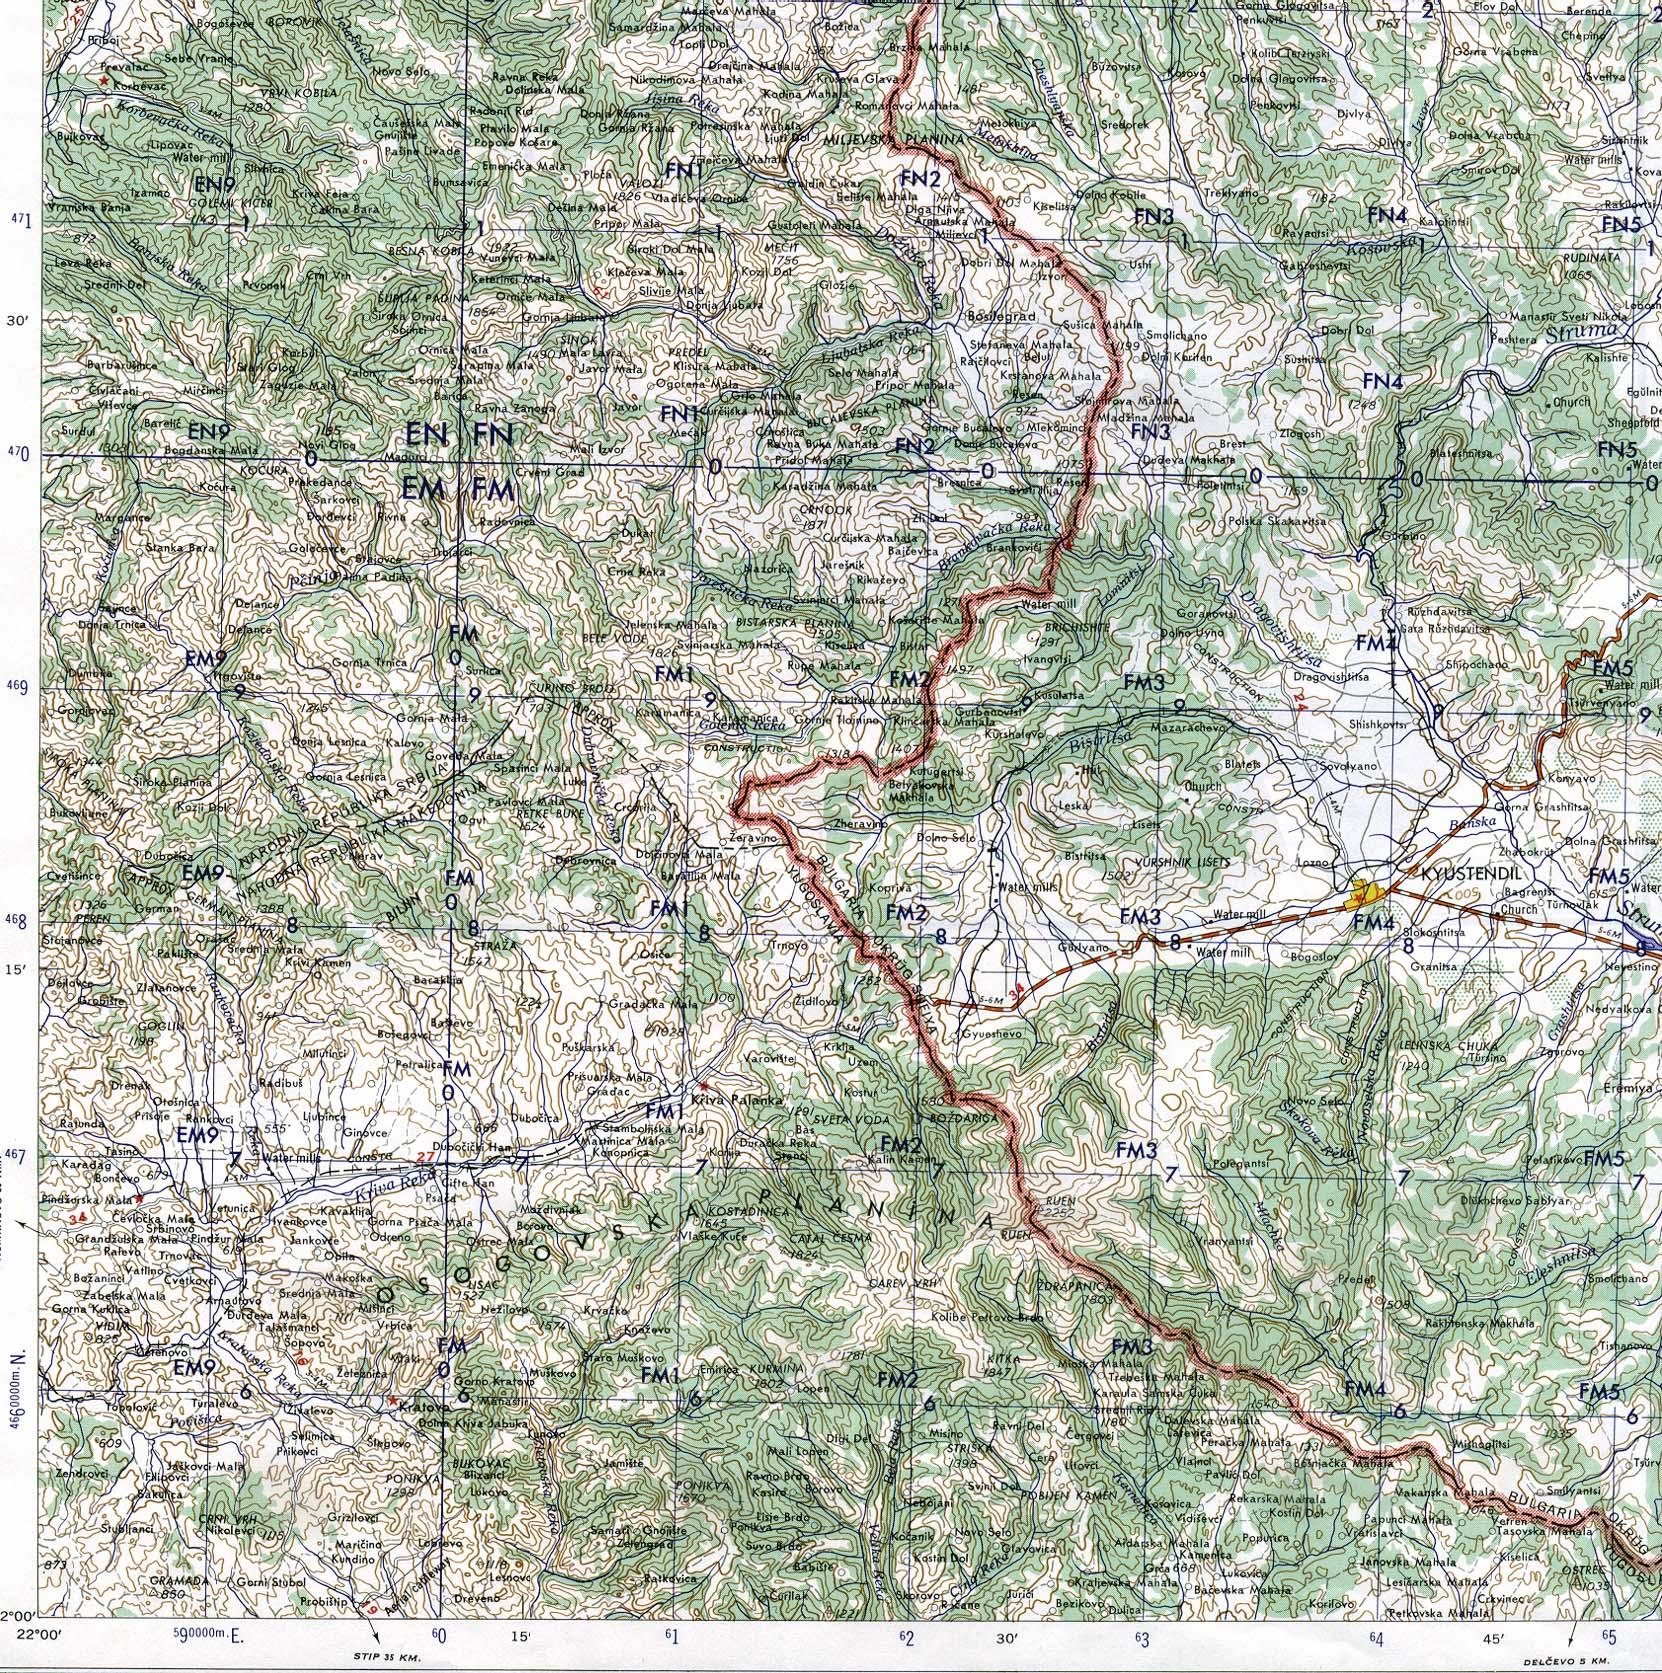 Mapa Topográfico de la Región al Este de Kumanovo, Macedonia 1959